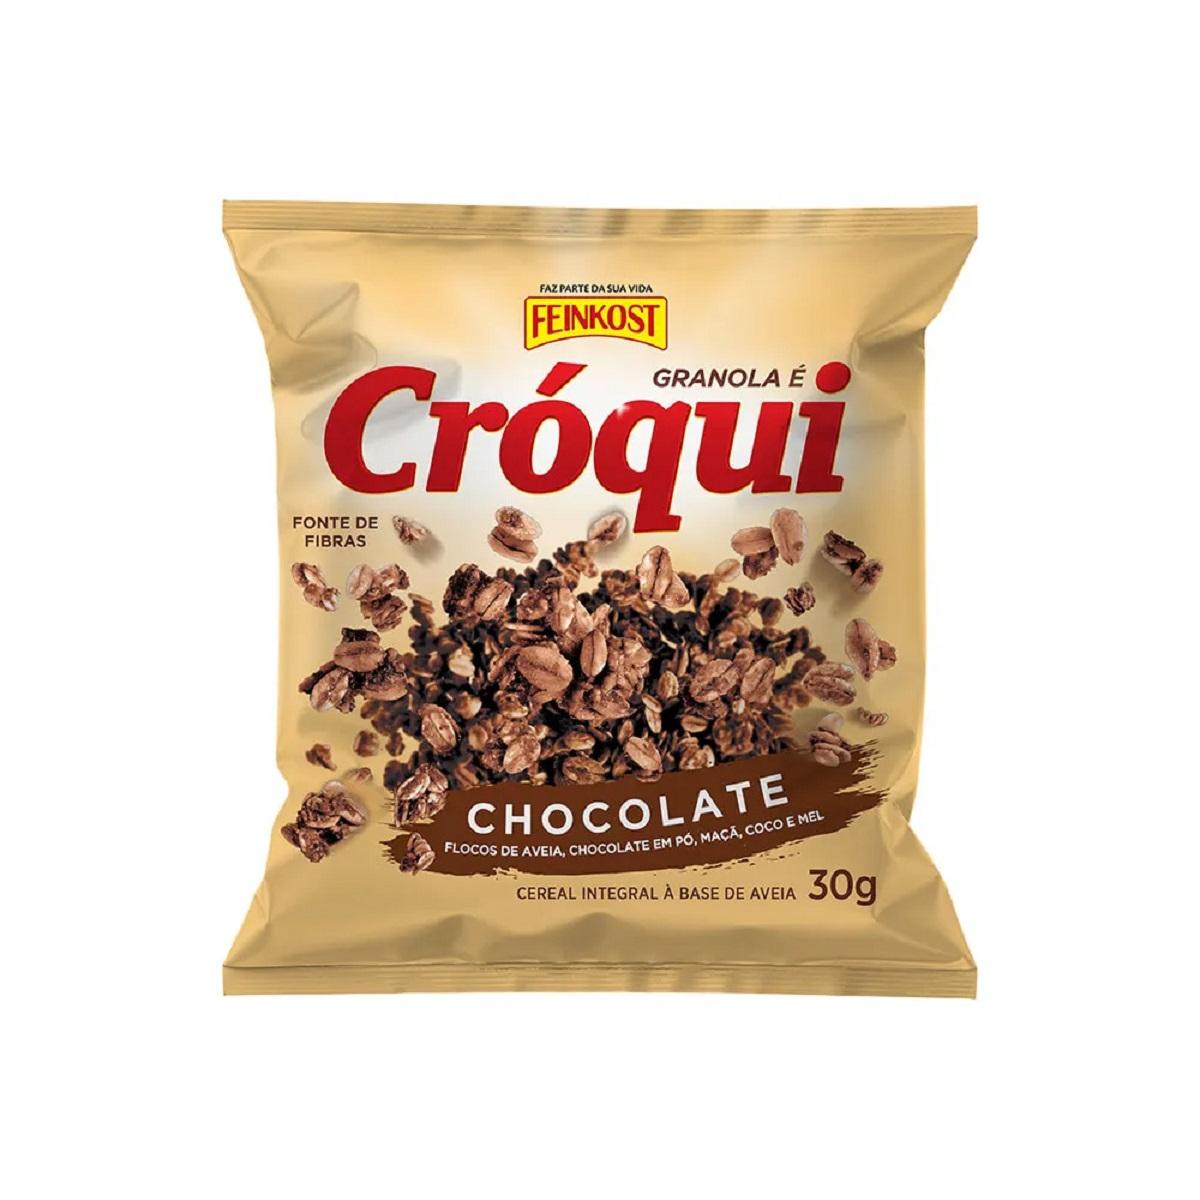 Granola Croqui Personal Chocolate 30g Caixa 50 Saches